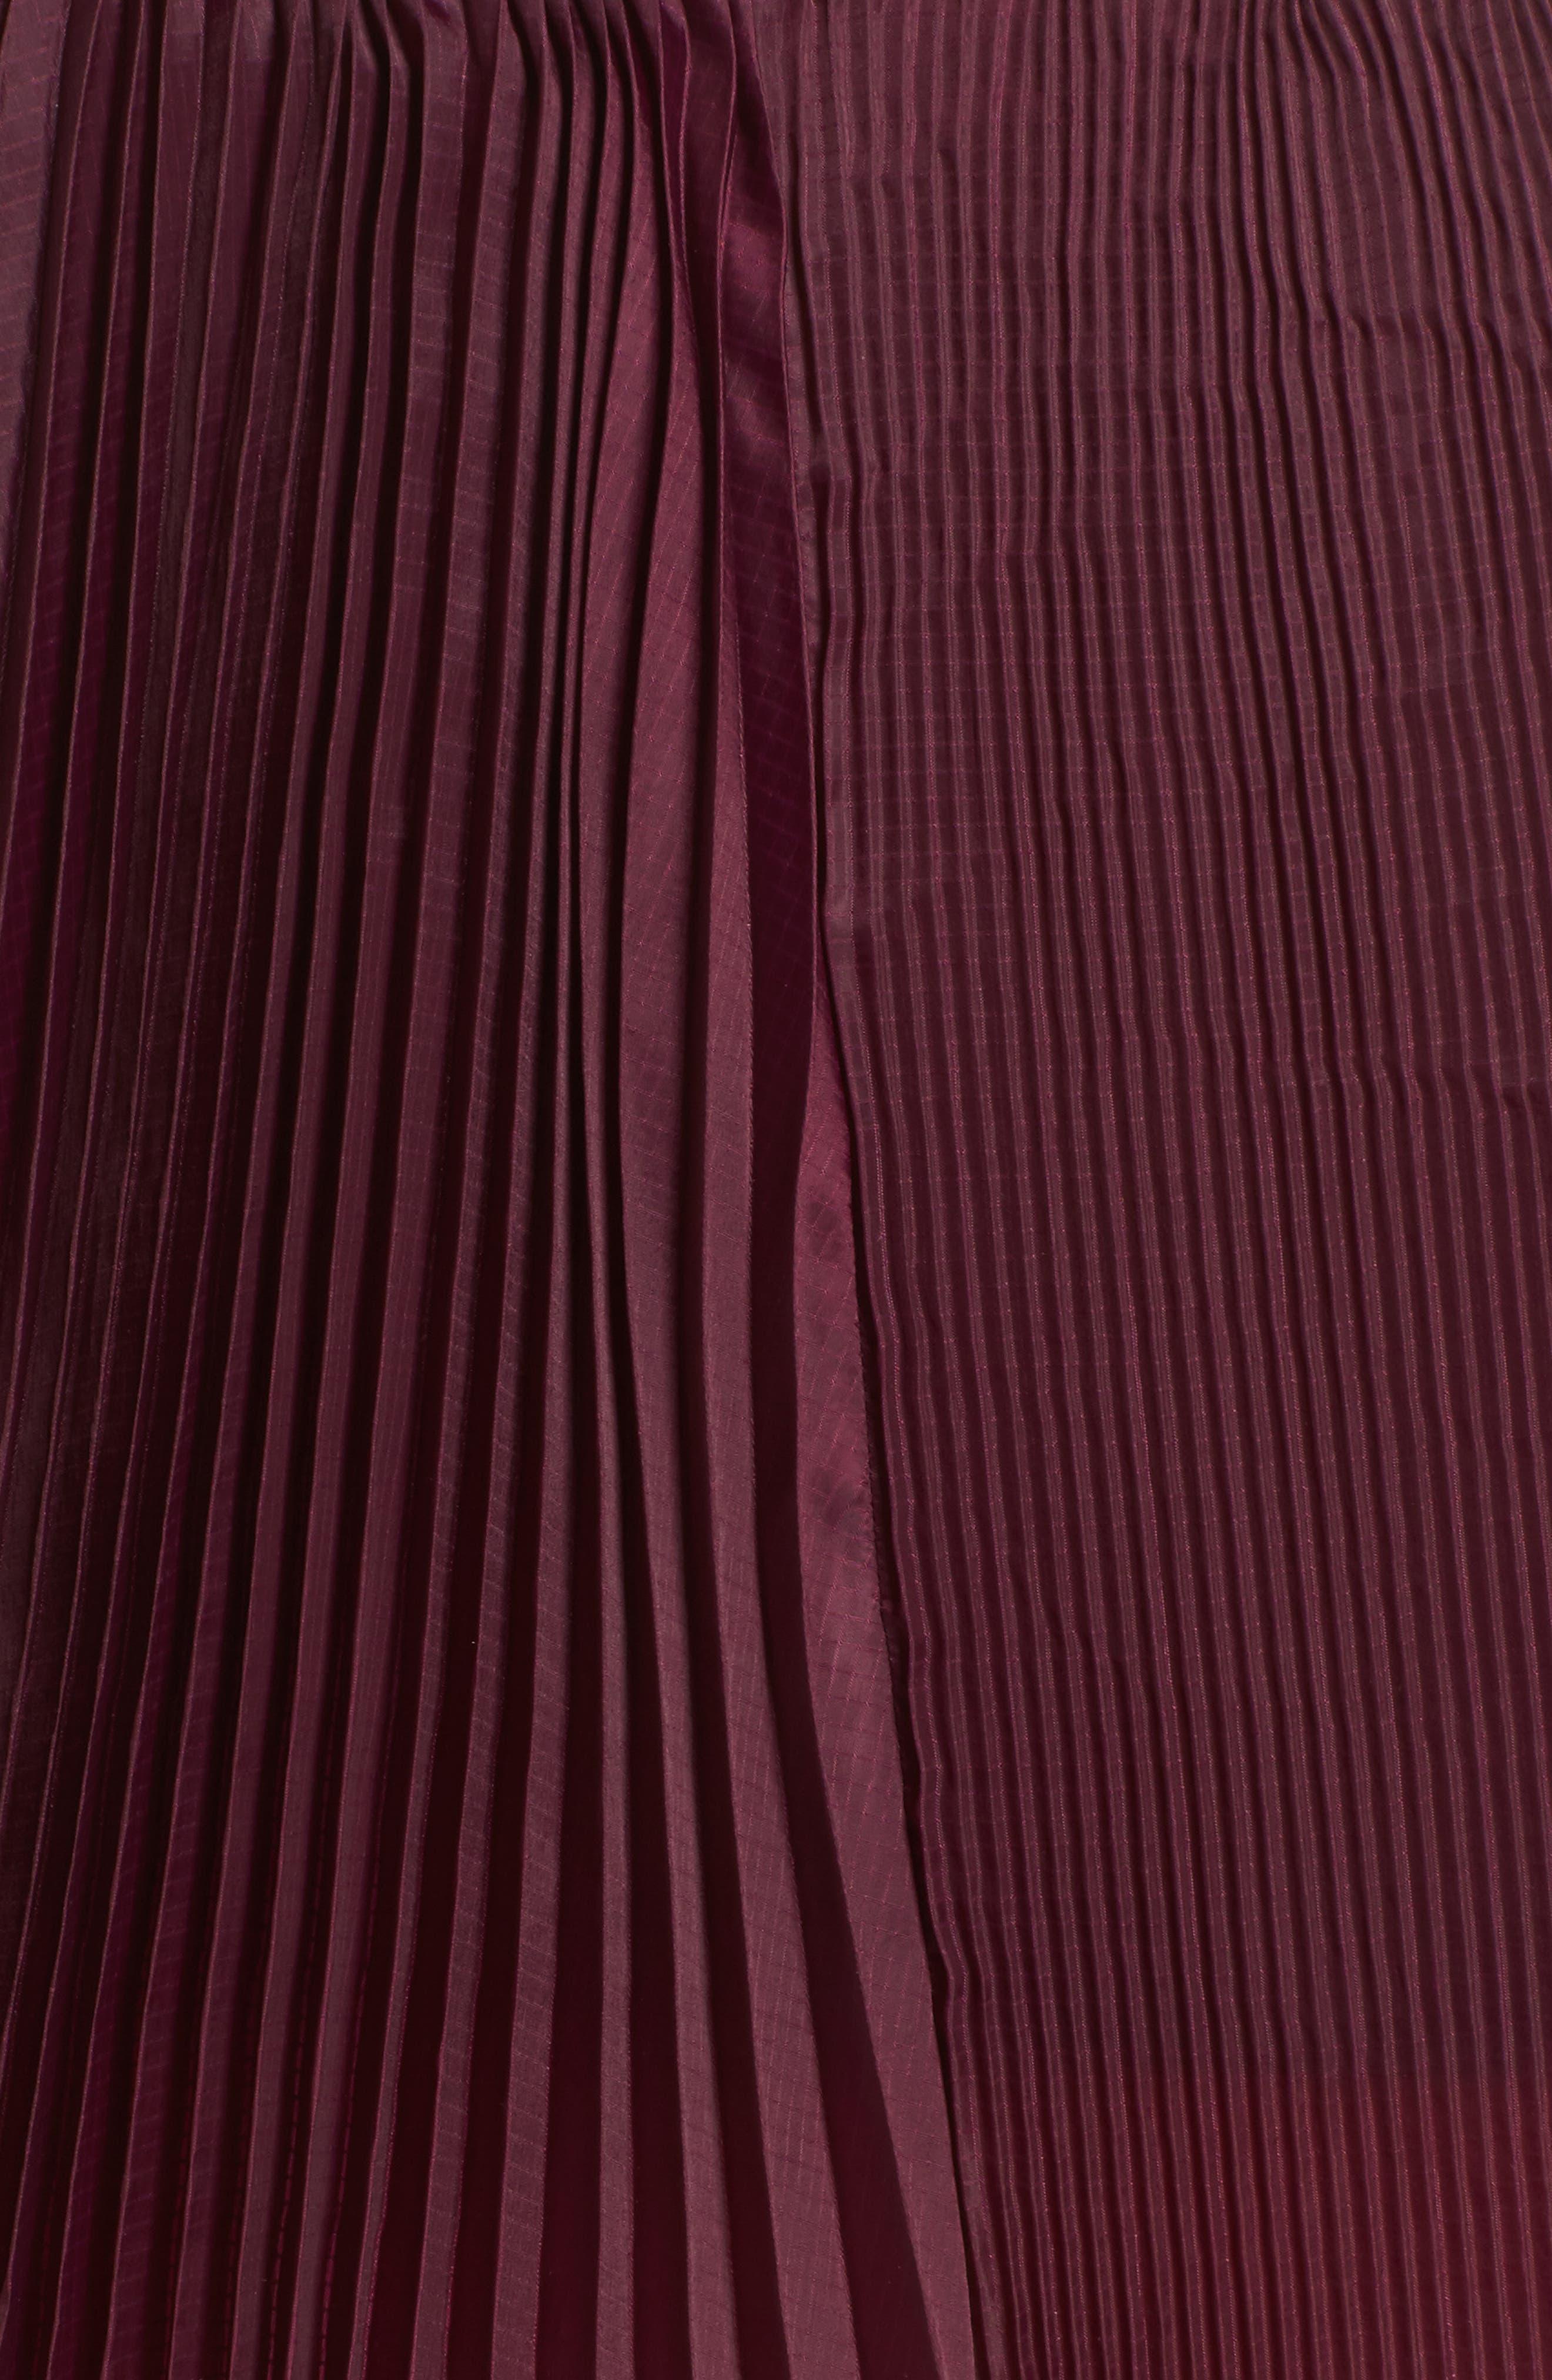 NikeLab Collection Dri-FIT Tennis Skirt,                             Alternate thumbnail 6, color,                             Bordeaux